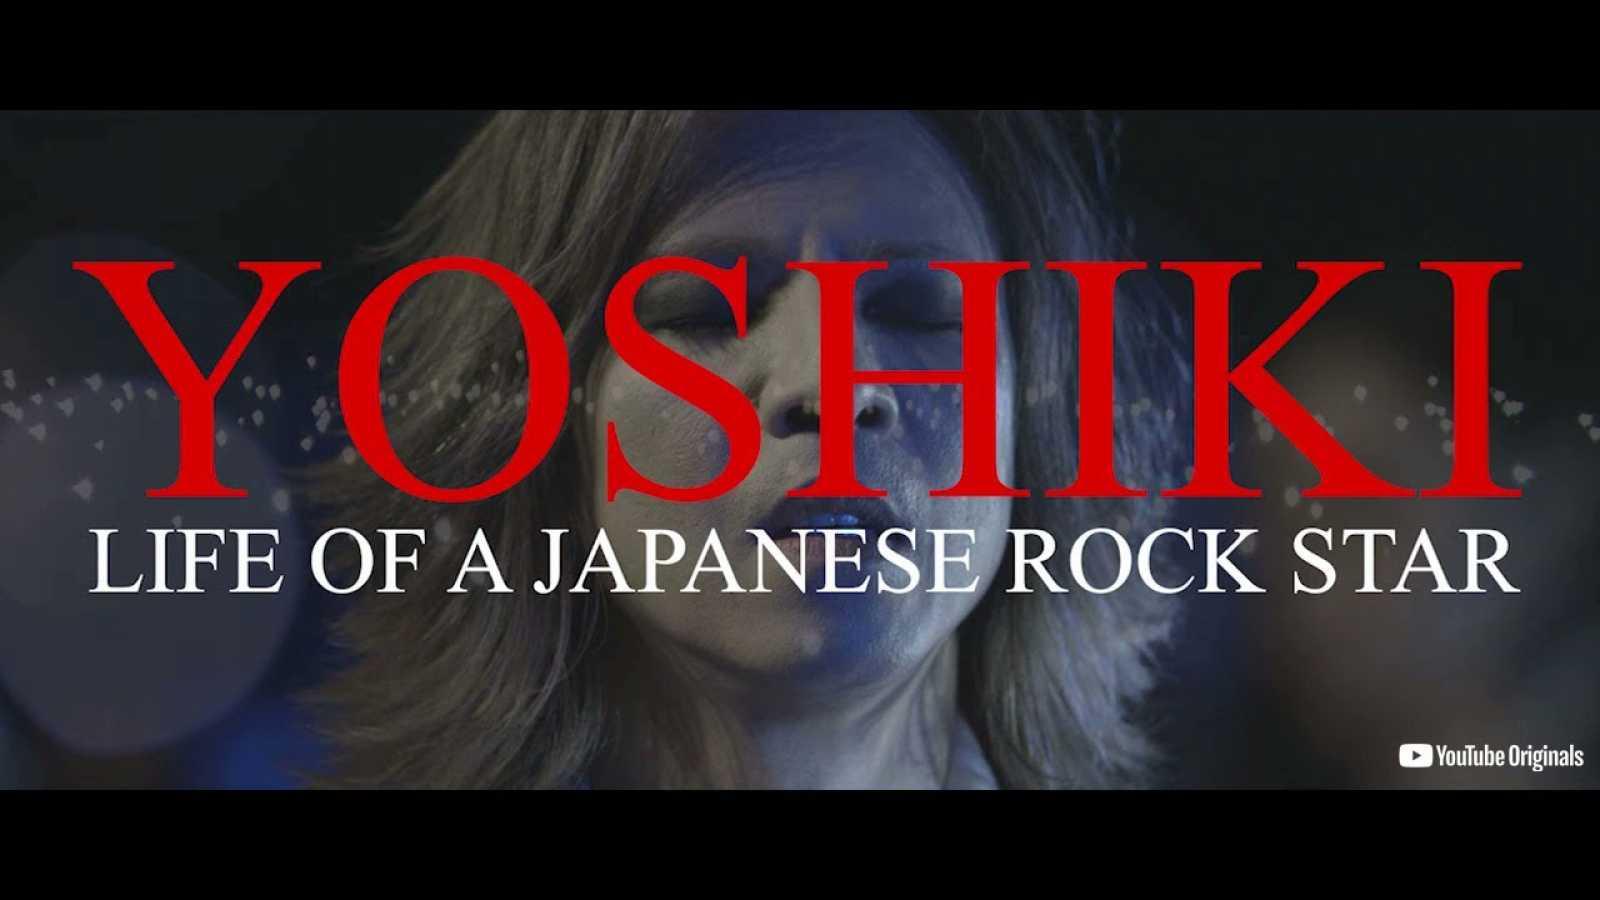 YOSHIKI annonce un nouveau documentaire sur YouTube